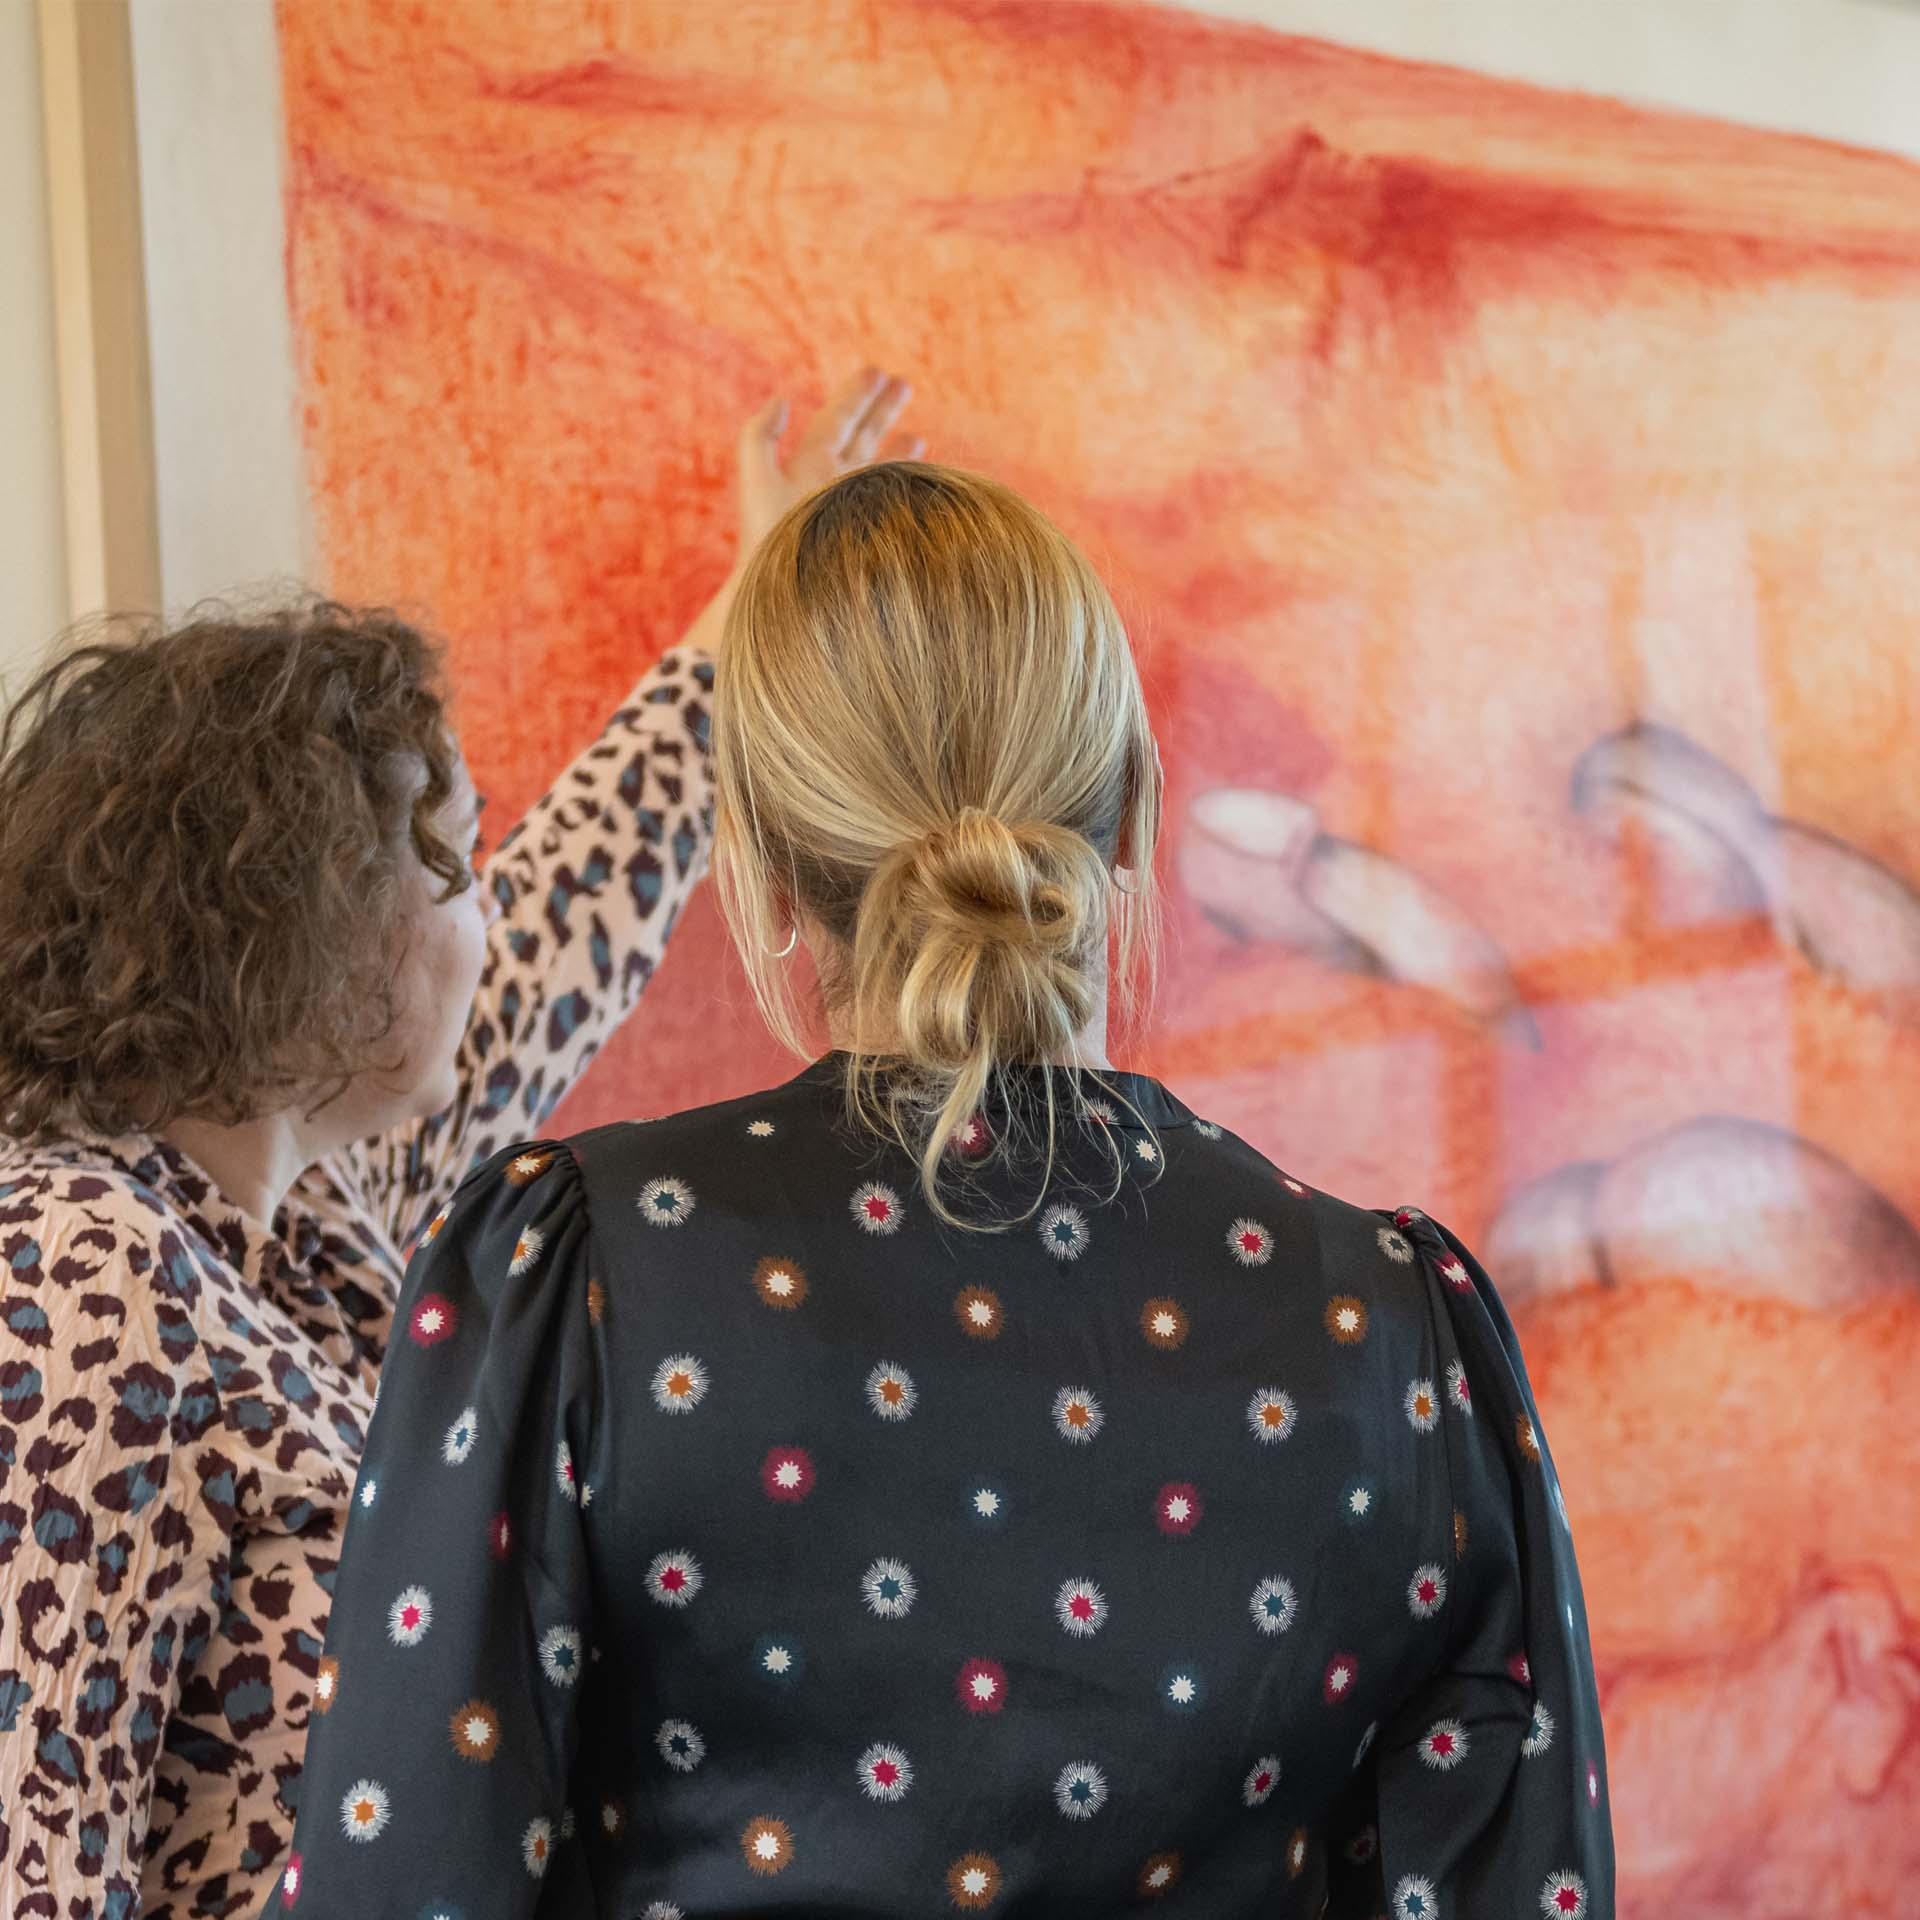 Kunst rondleiding kijken uitleg kunstzinnig ontdekken zingeving